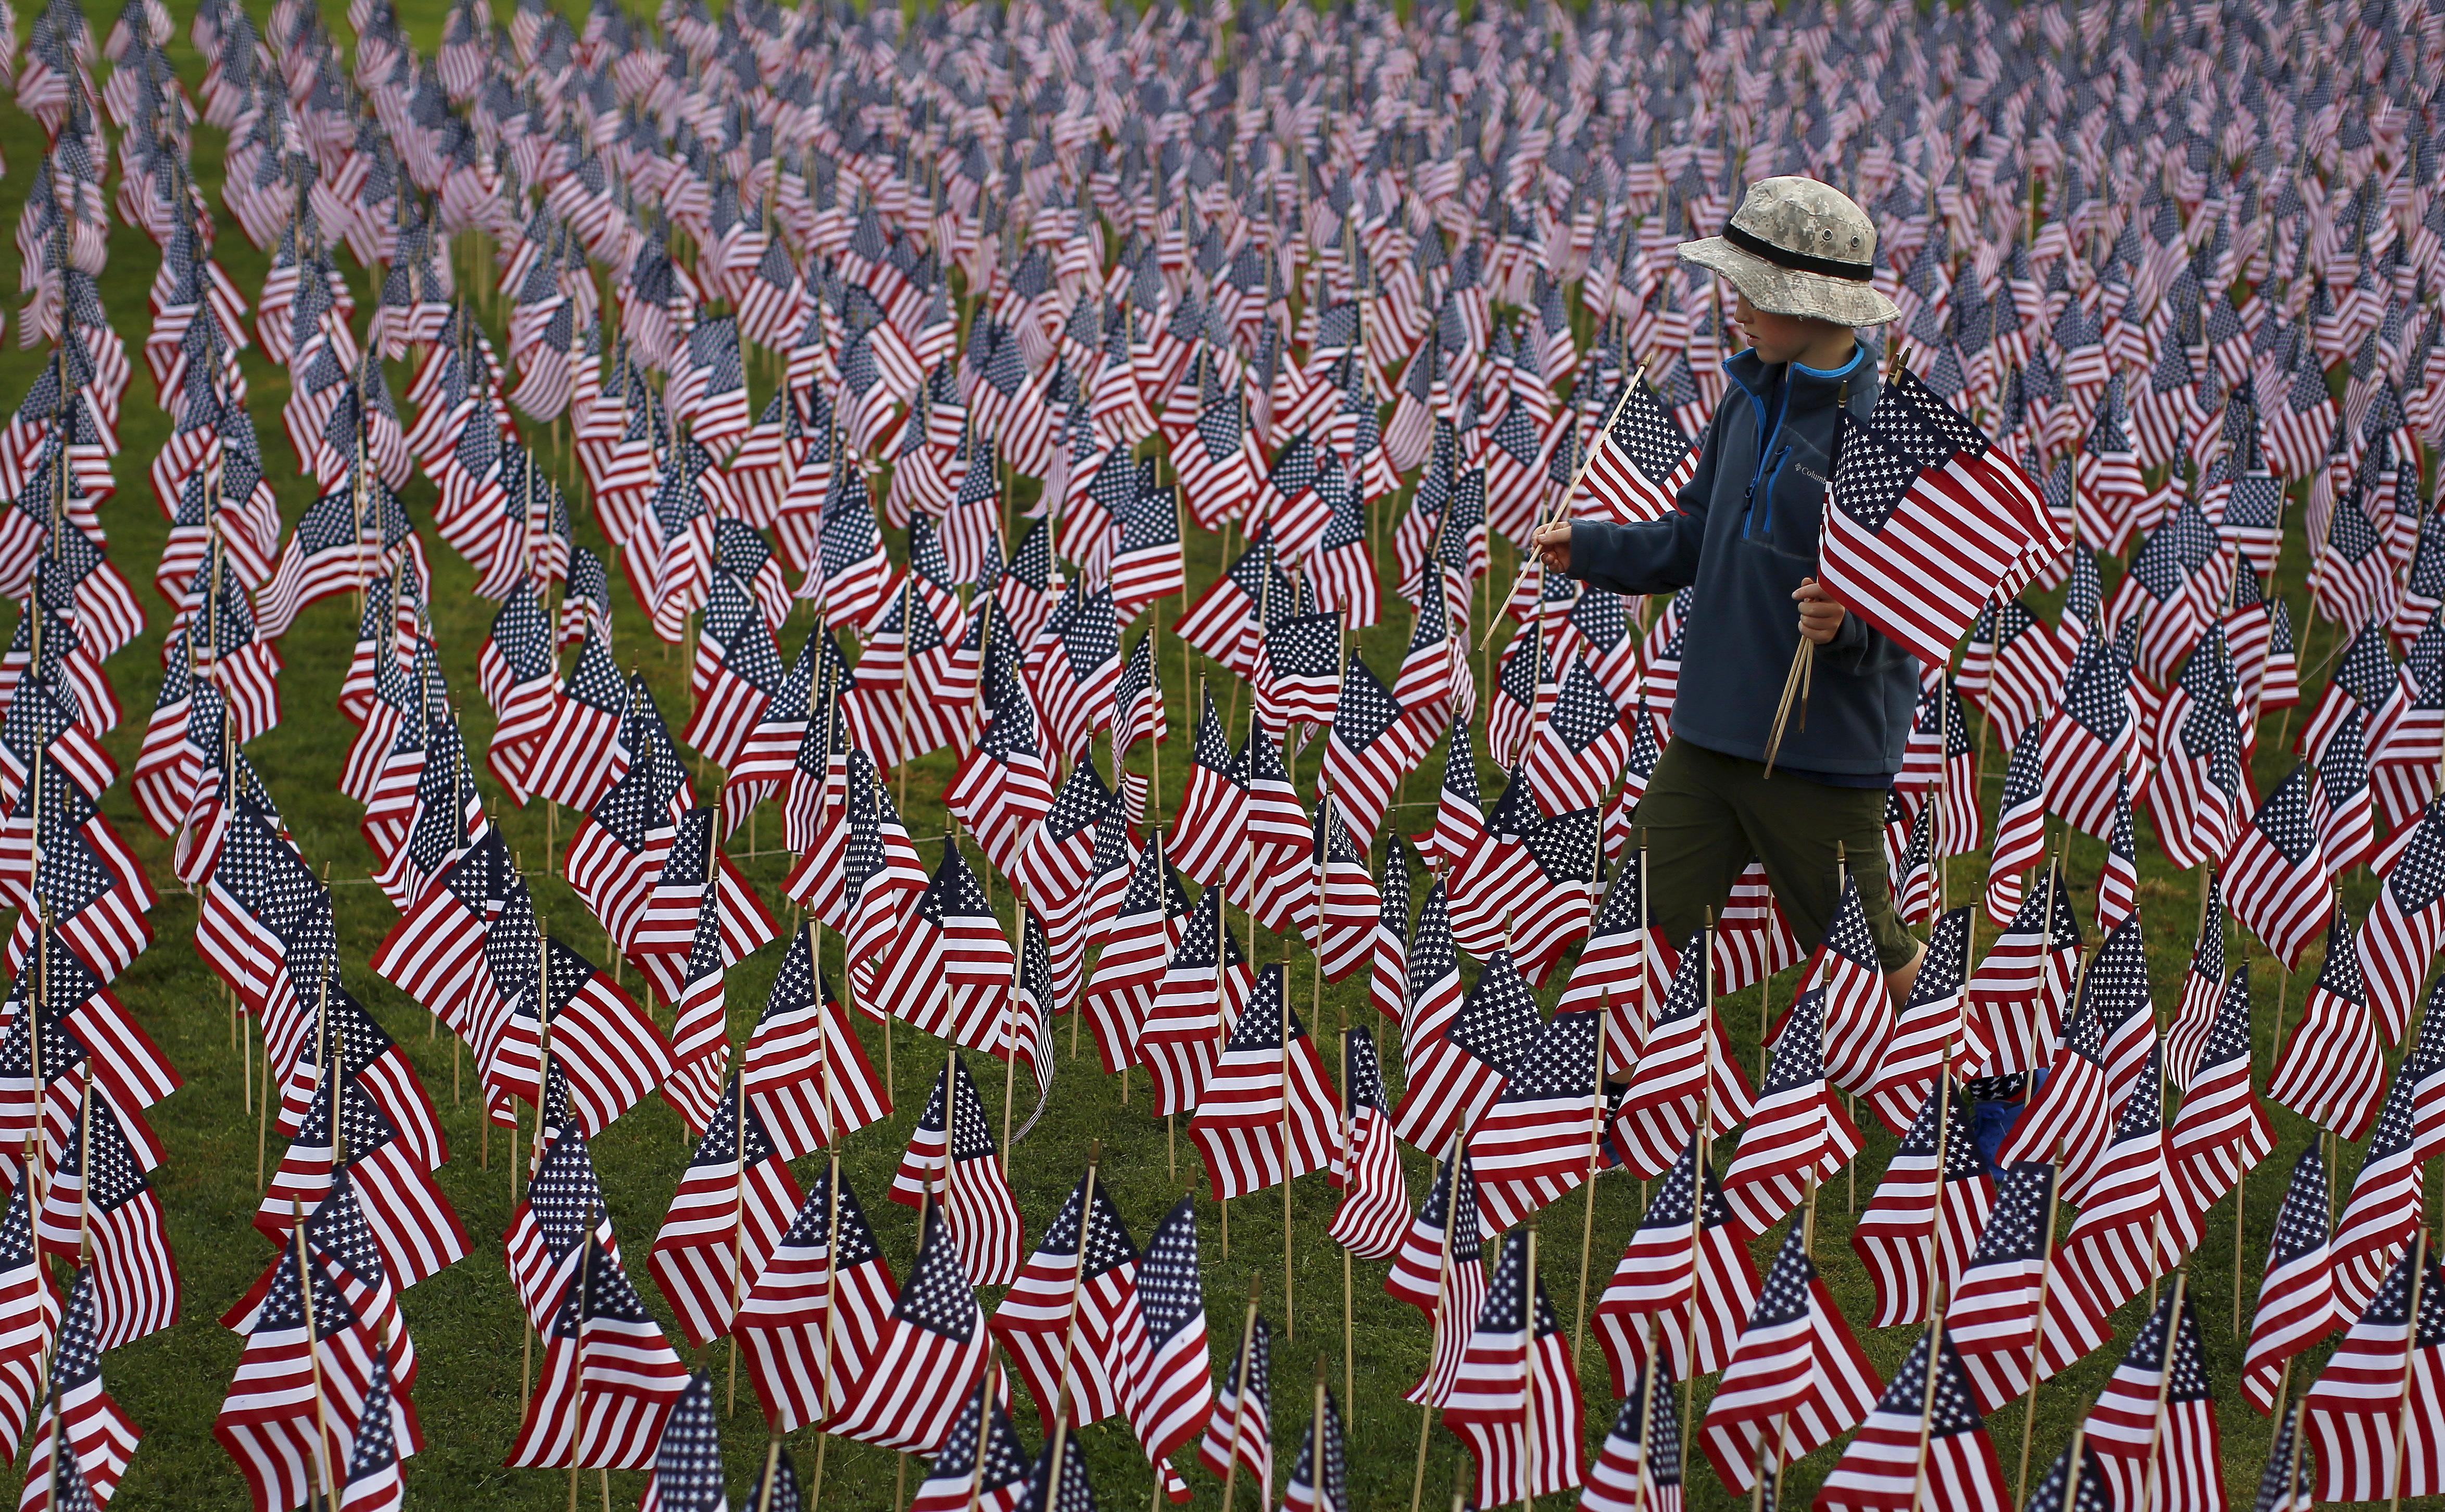 Boy walks among flags